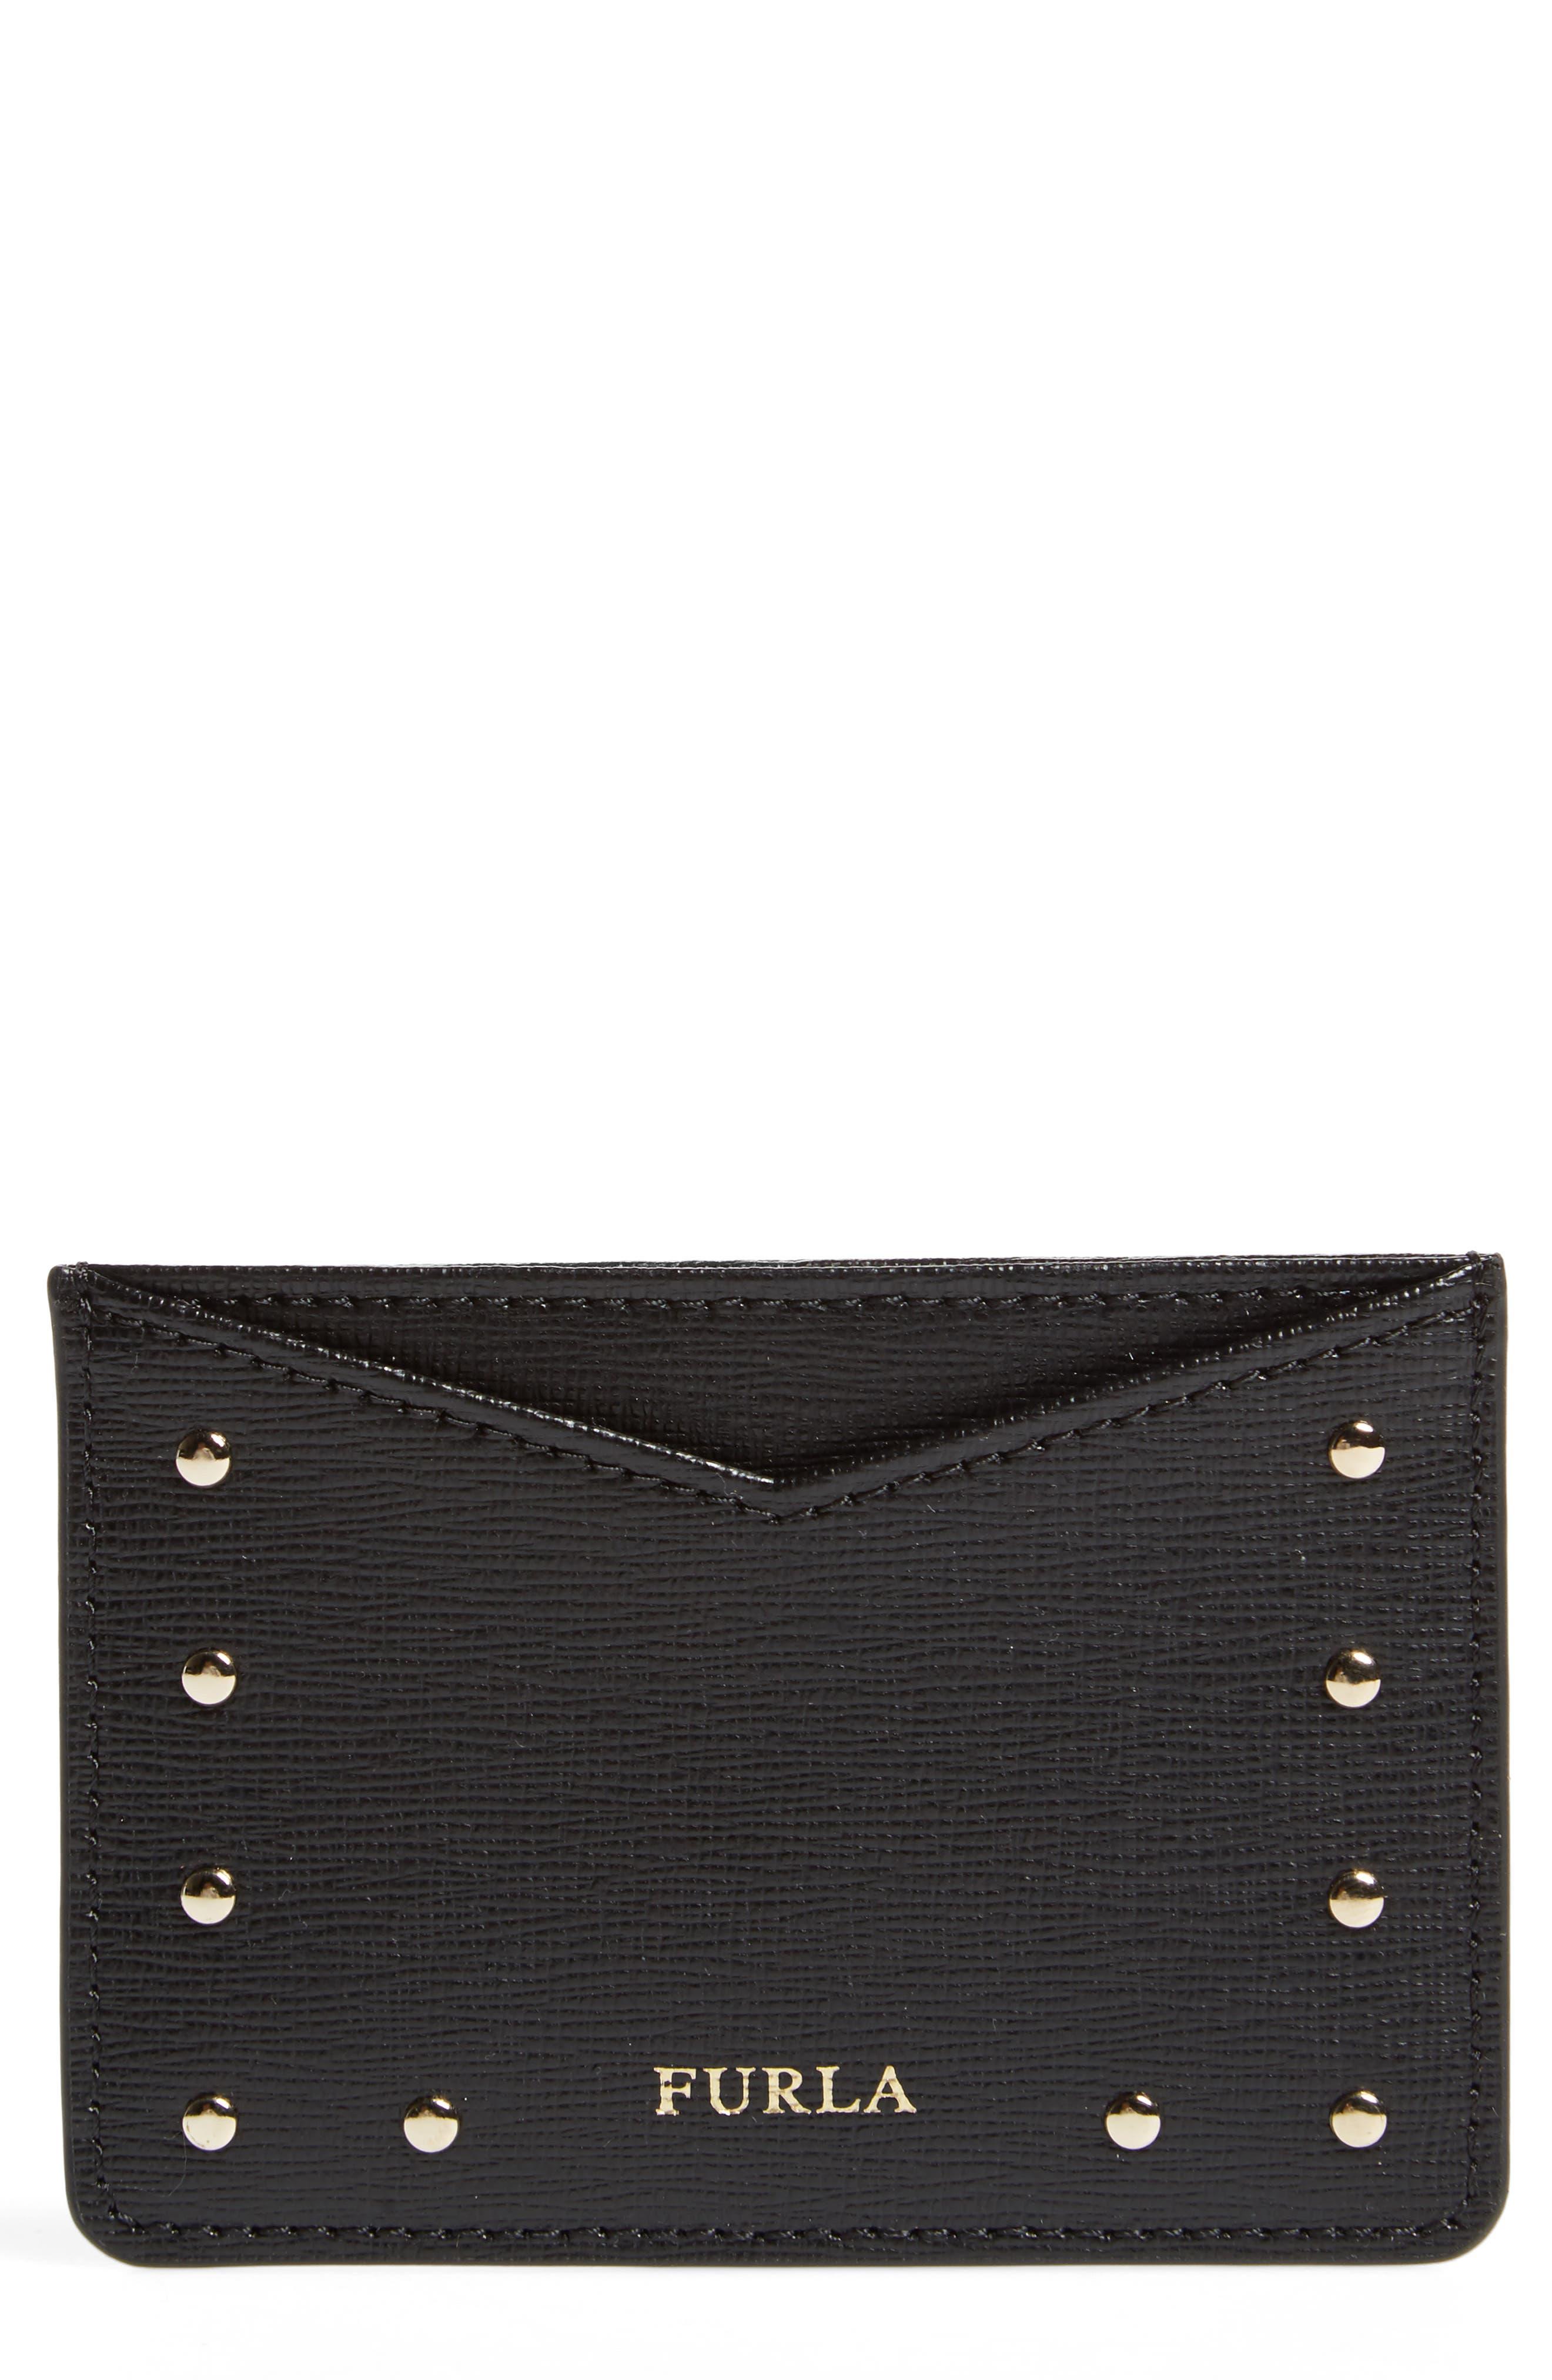 Main Image - Furla Gioia Saffiano Leather Card Case